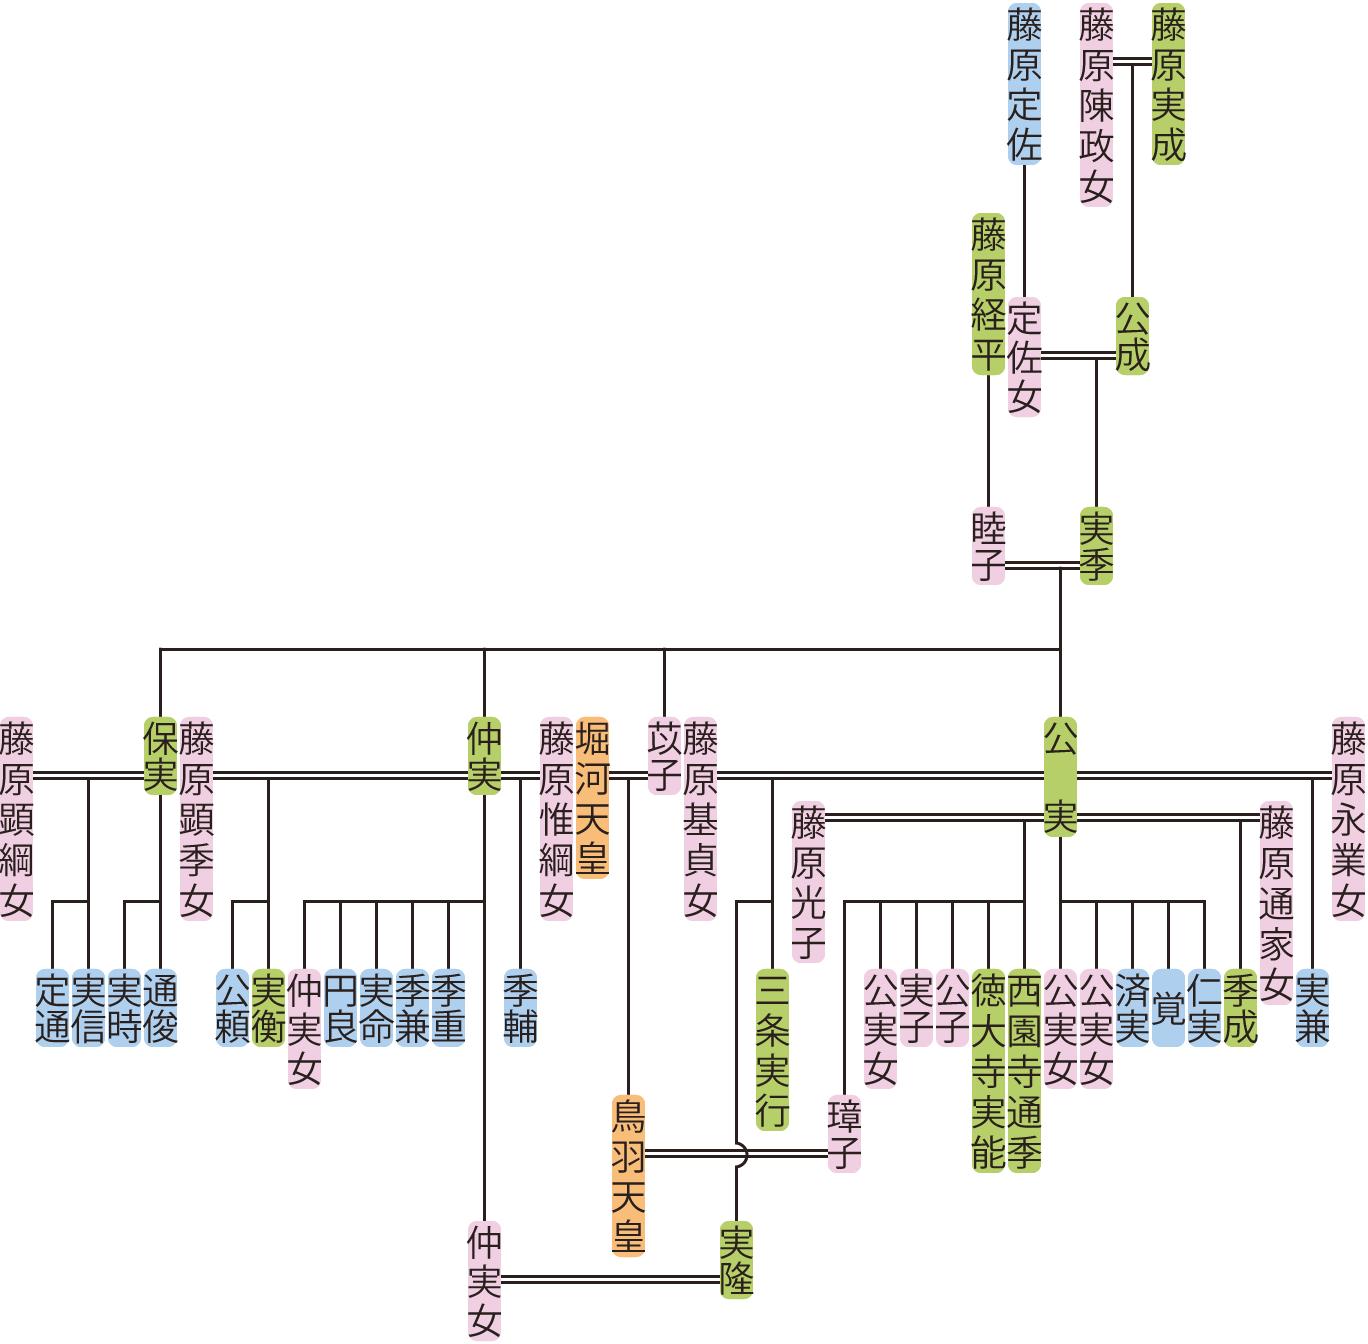 藤原実季の系図